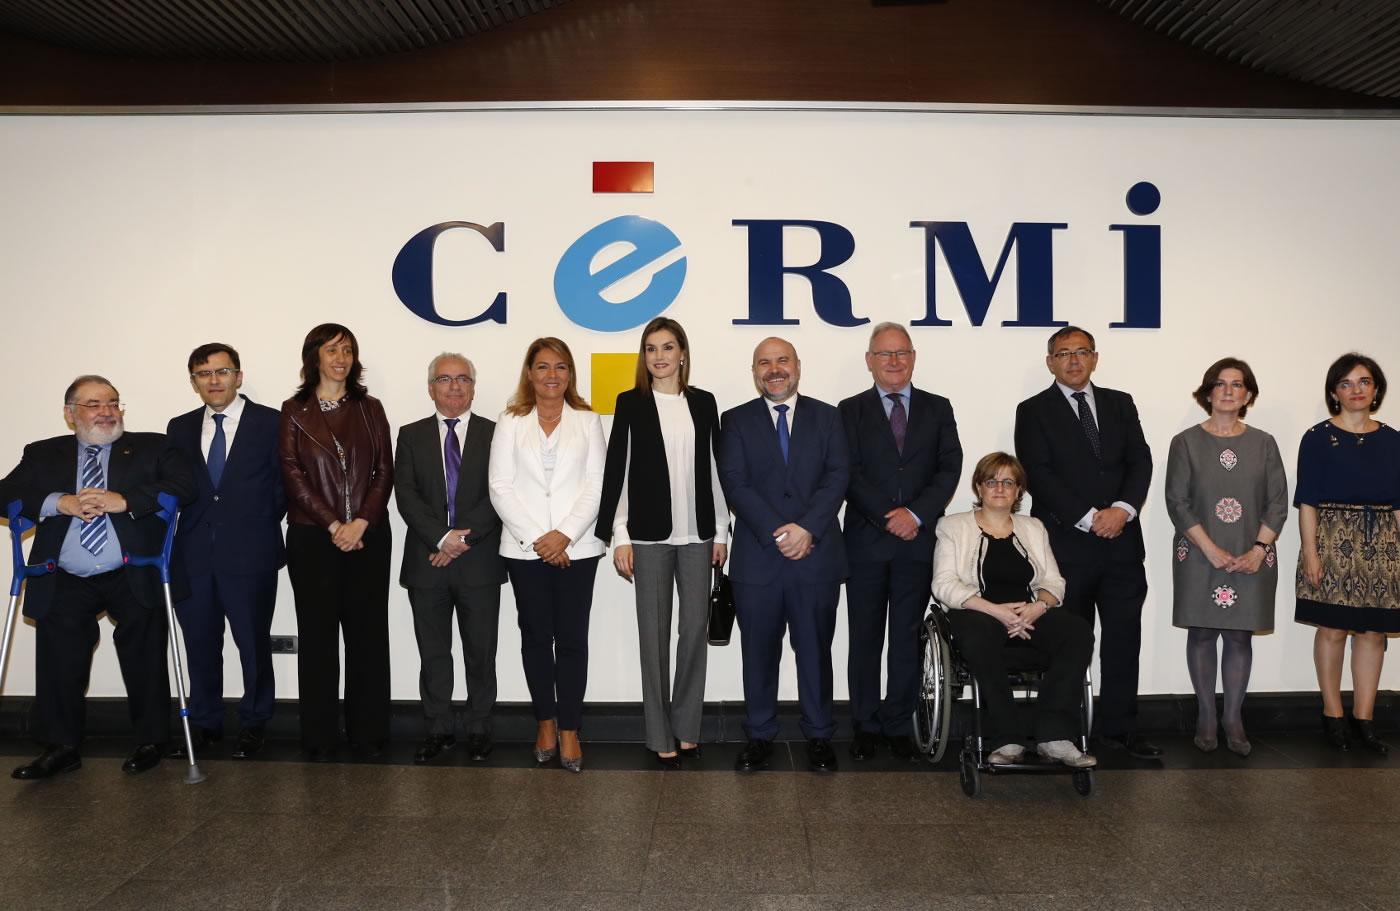 La Reina se reúne con CERMI para conocer su labor a favor de las personas con discapacidad